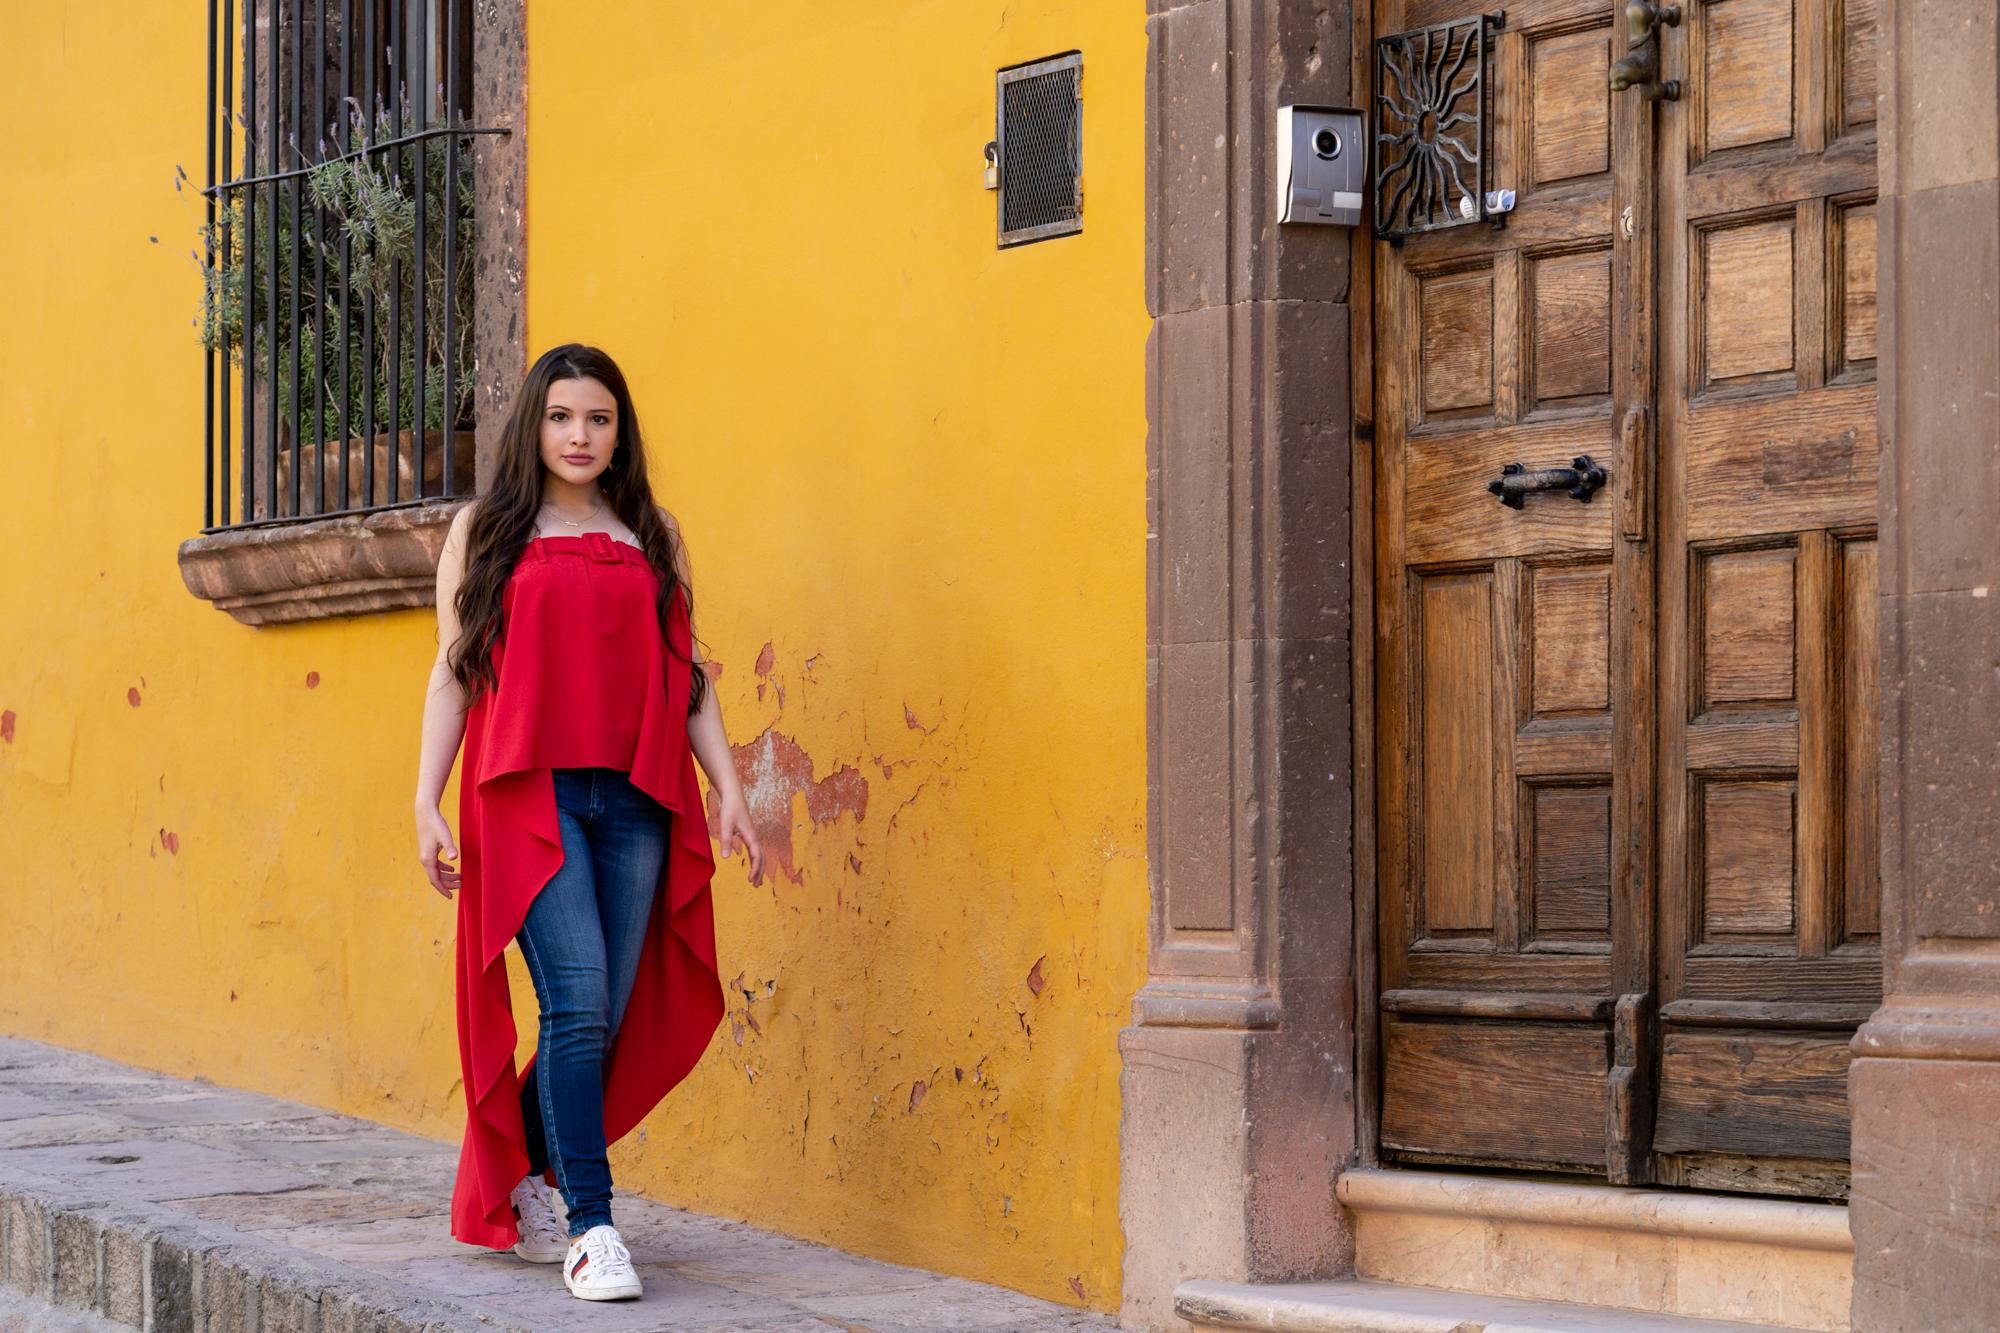 Sesion de Fotos en San Miguel de Allende con Rogelio y su Fmailia-9.jpg